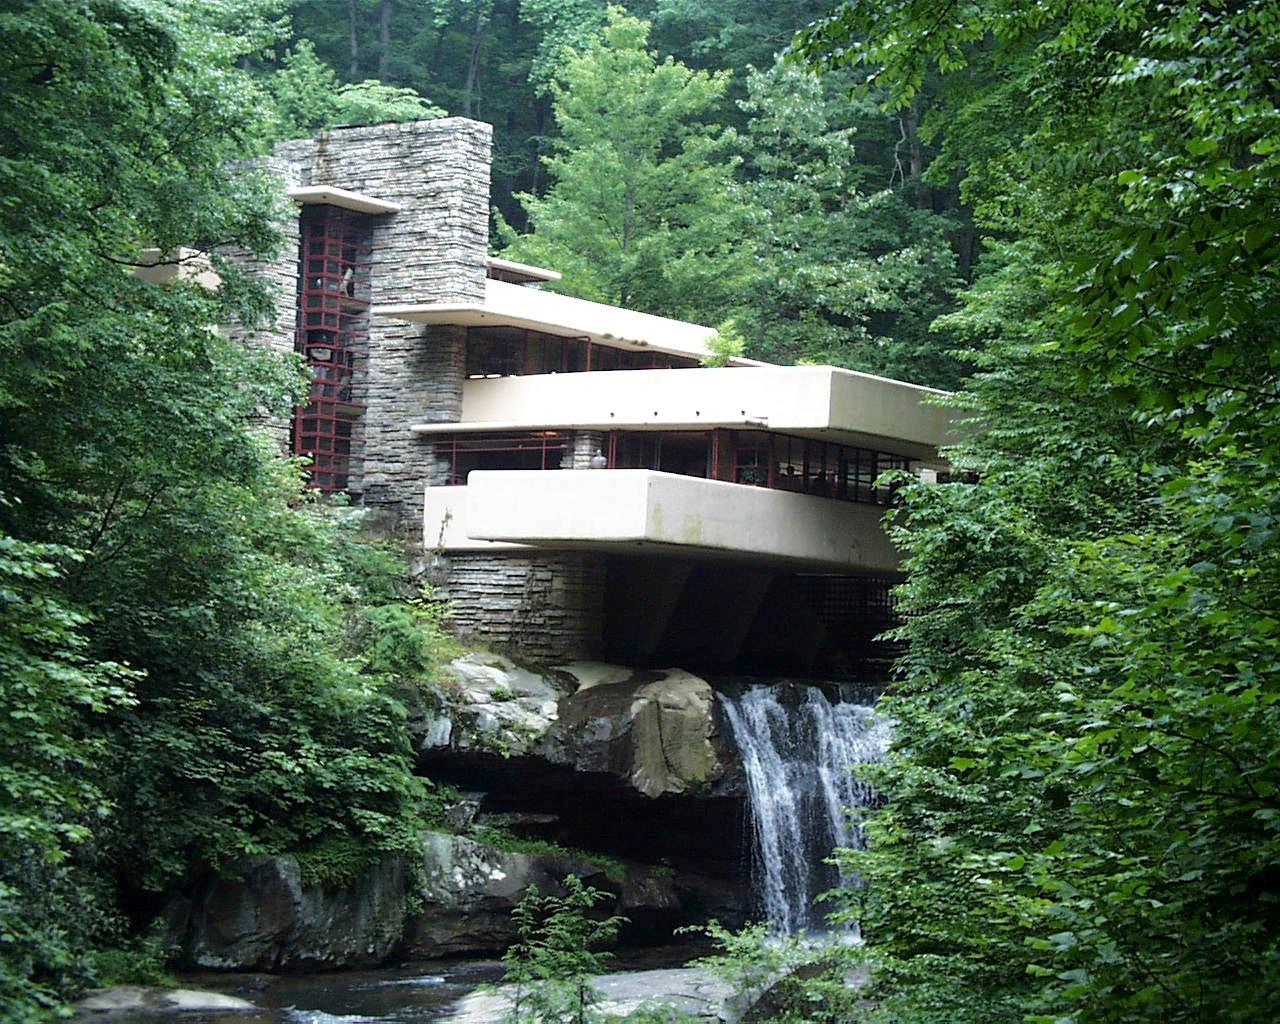 Introducci n a la arquitectura casa de las cascadas - La case de l oncle paul ...